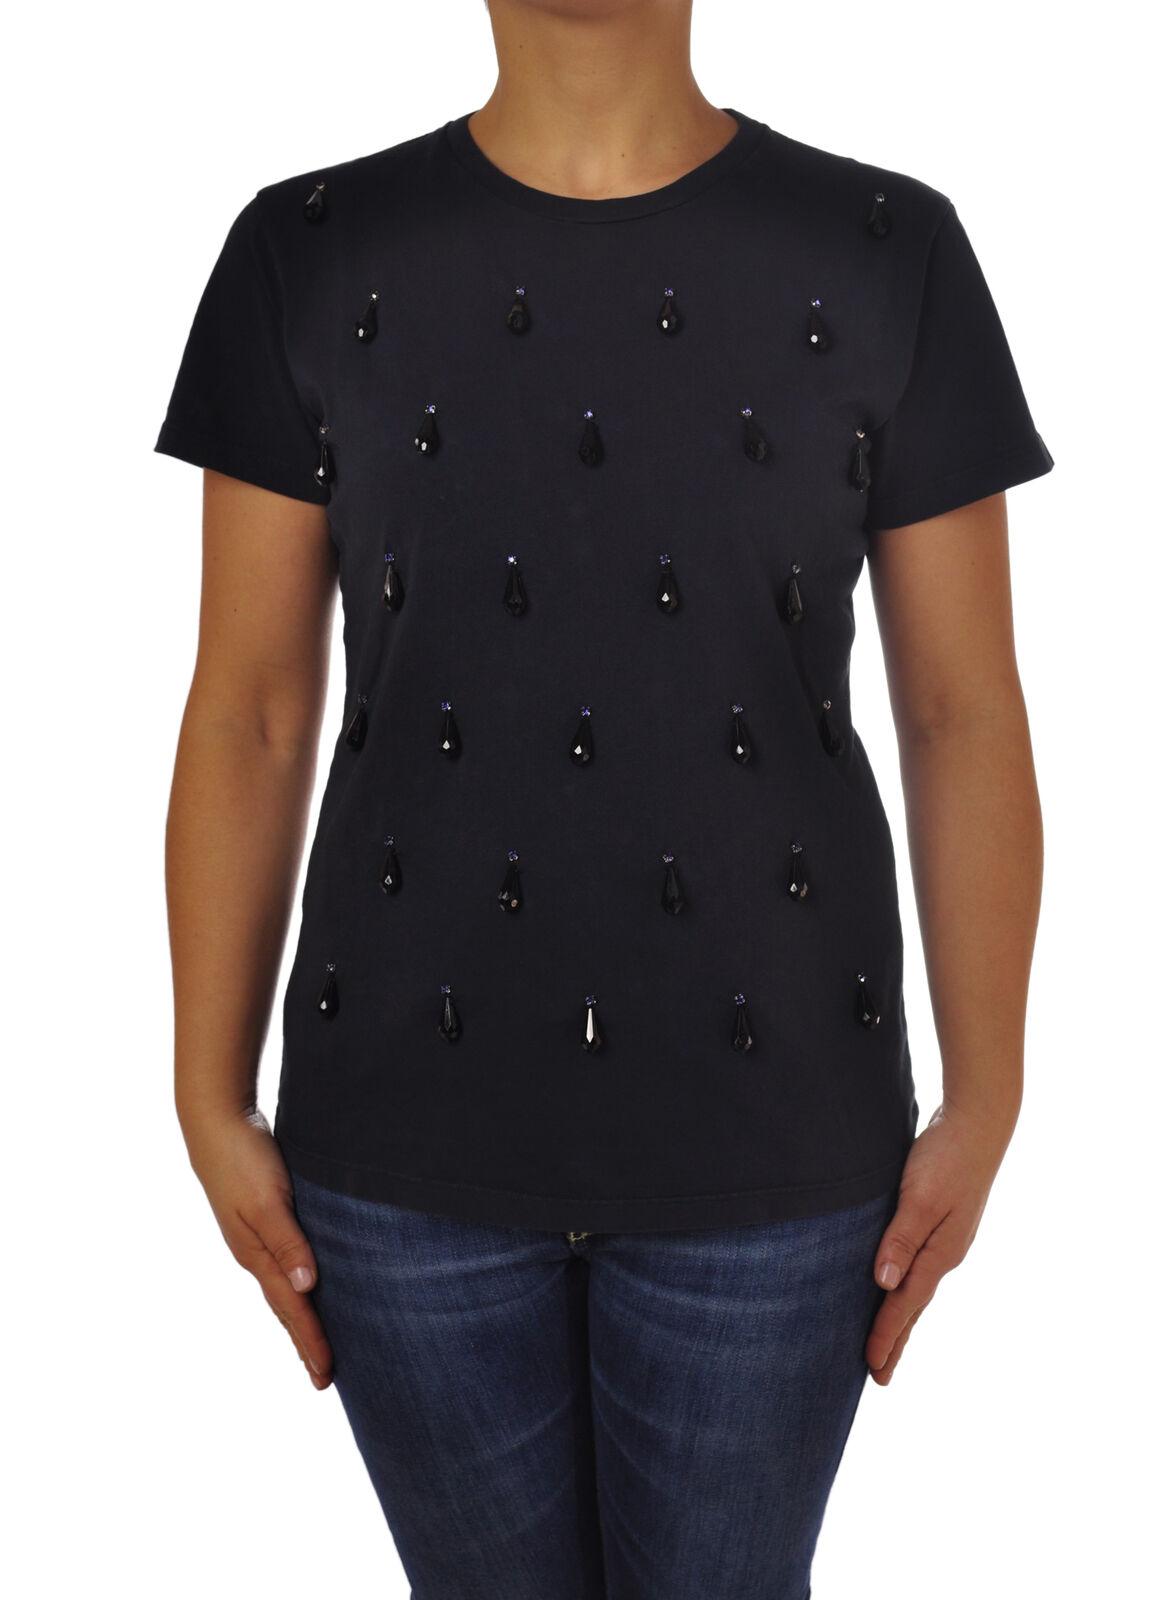 Rosao - Topwear-T-shirts - Frau - Blau - 4777826F184701